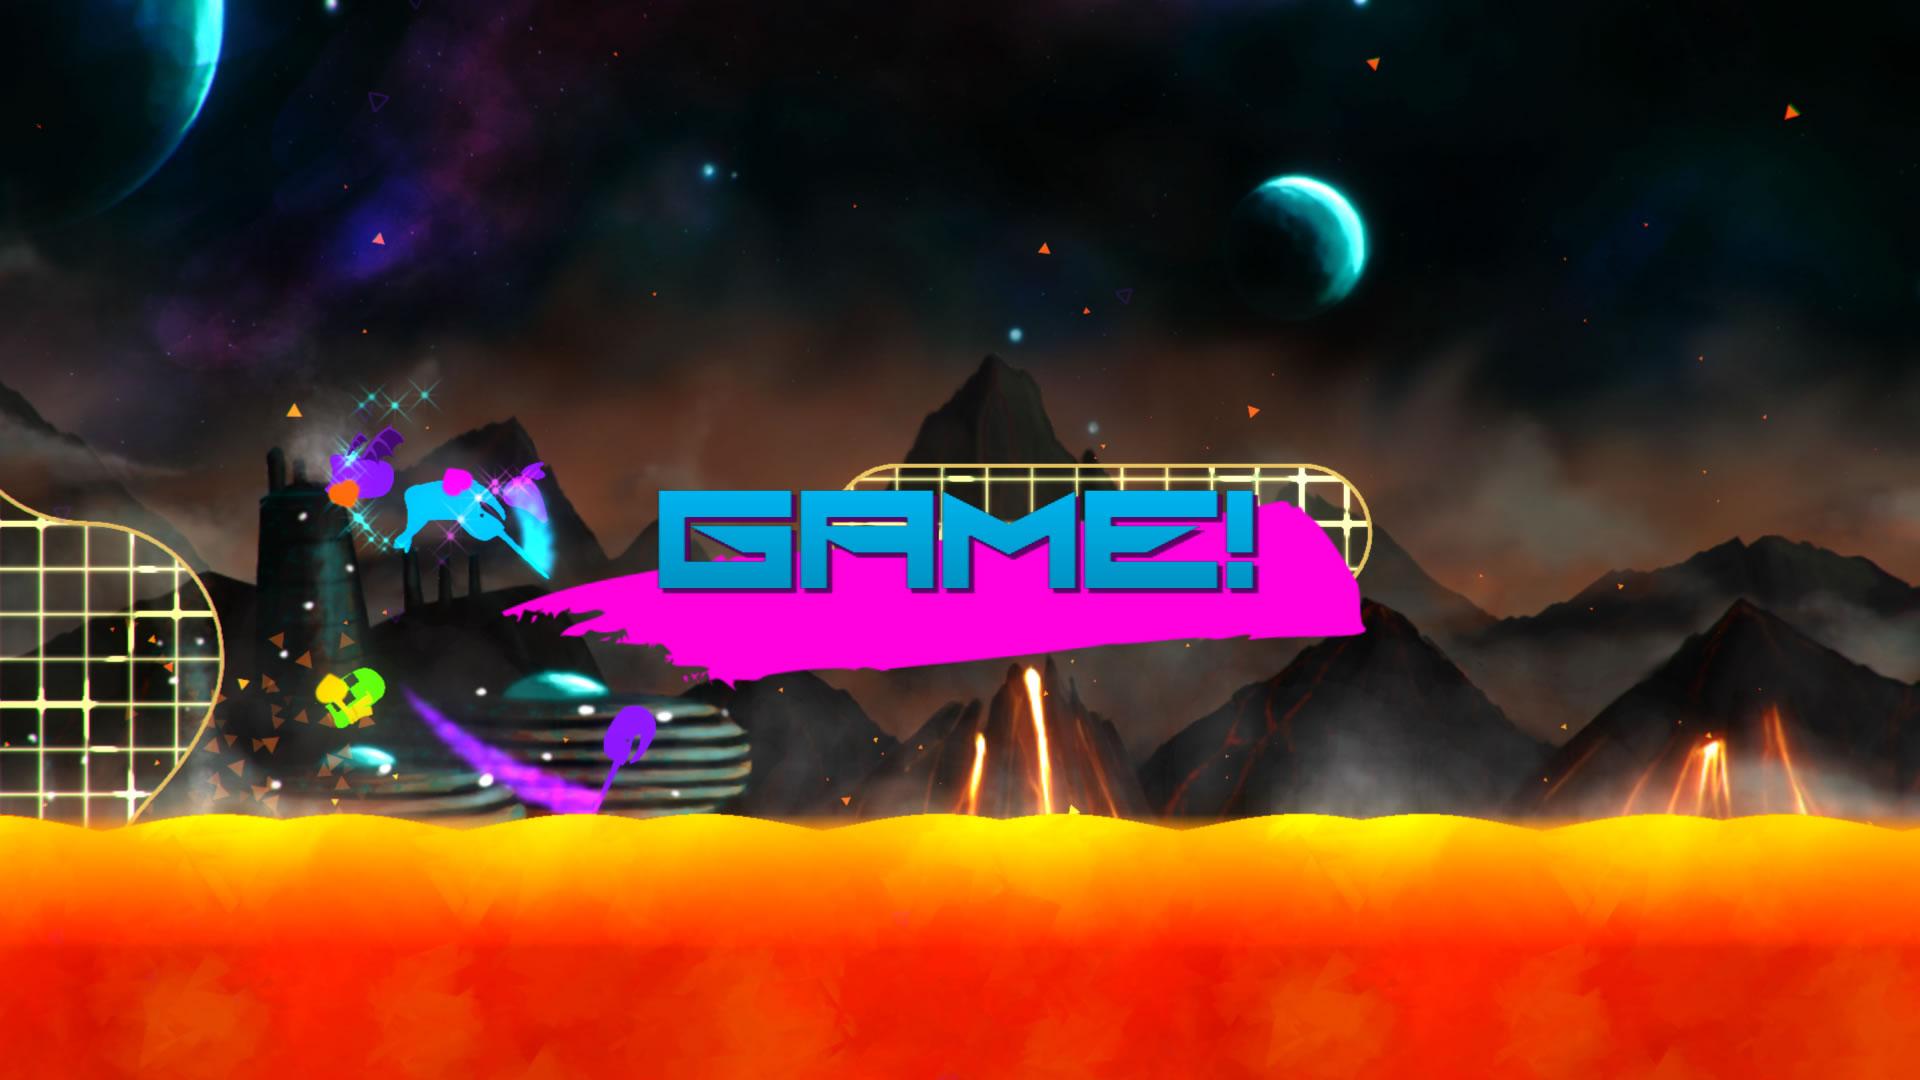 STARWHAL Wii U Screenshot 1